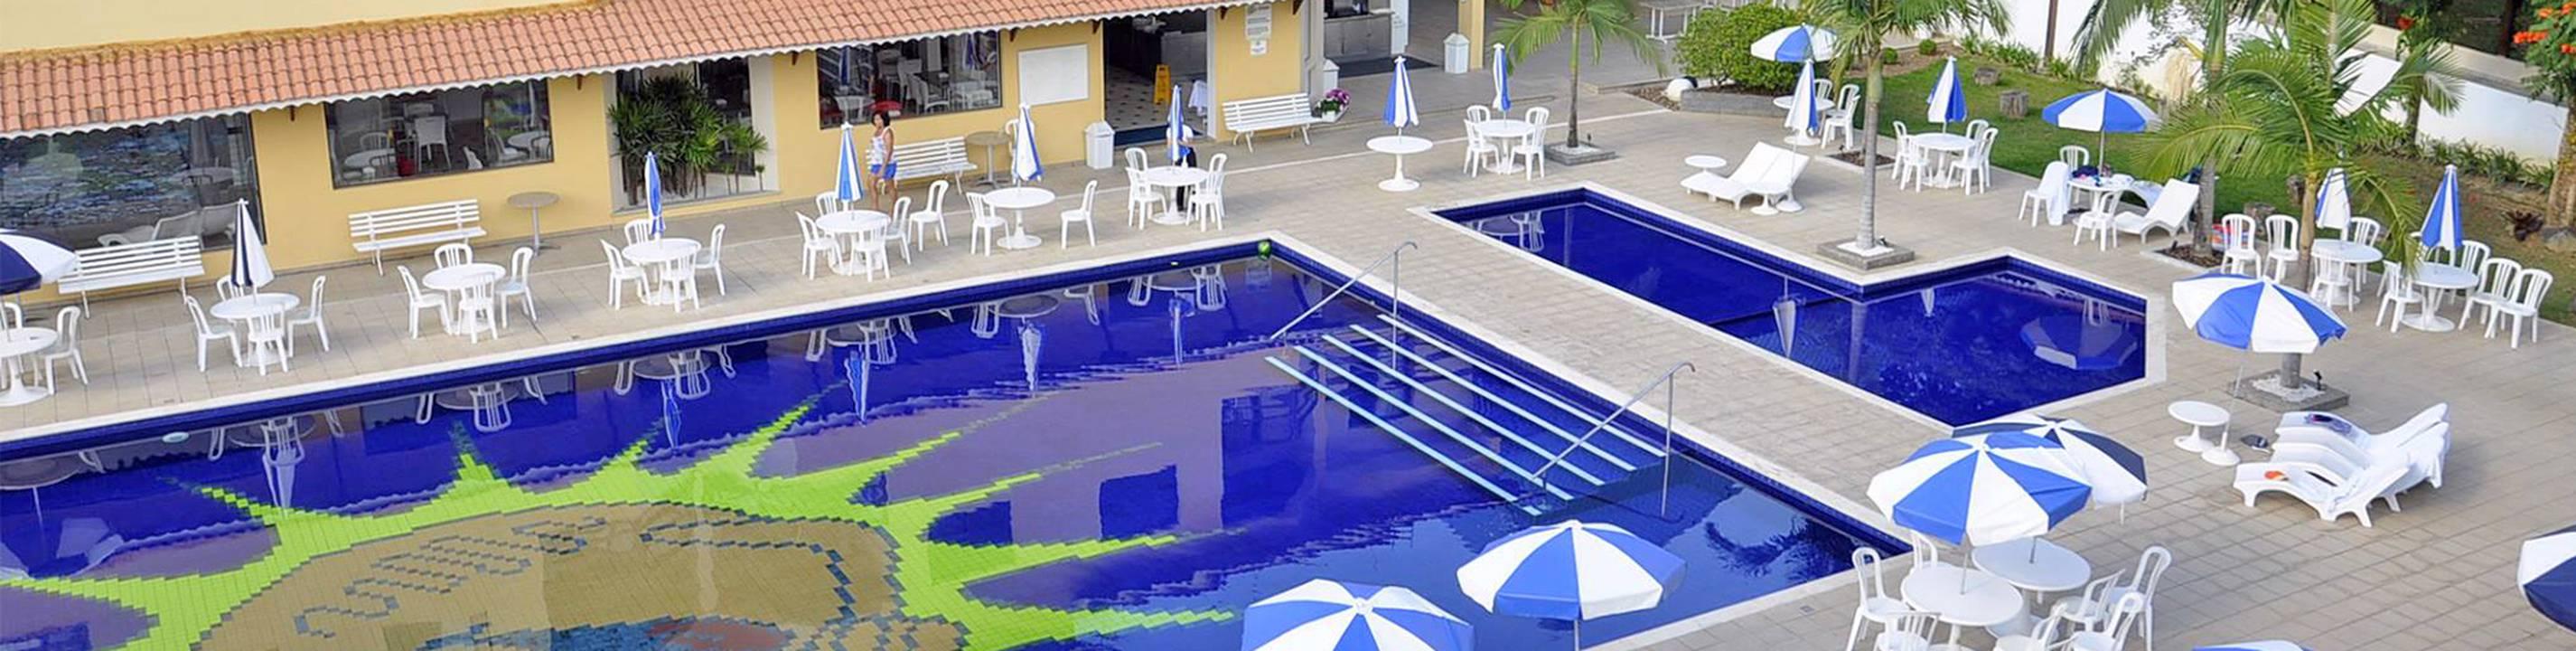 Resort Recanto do Teixeira: Réveillon 2017 - All Inclusive + Ceia